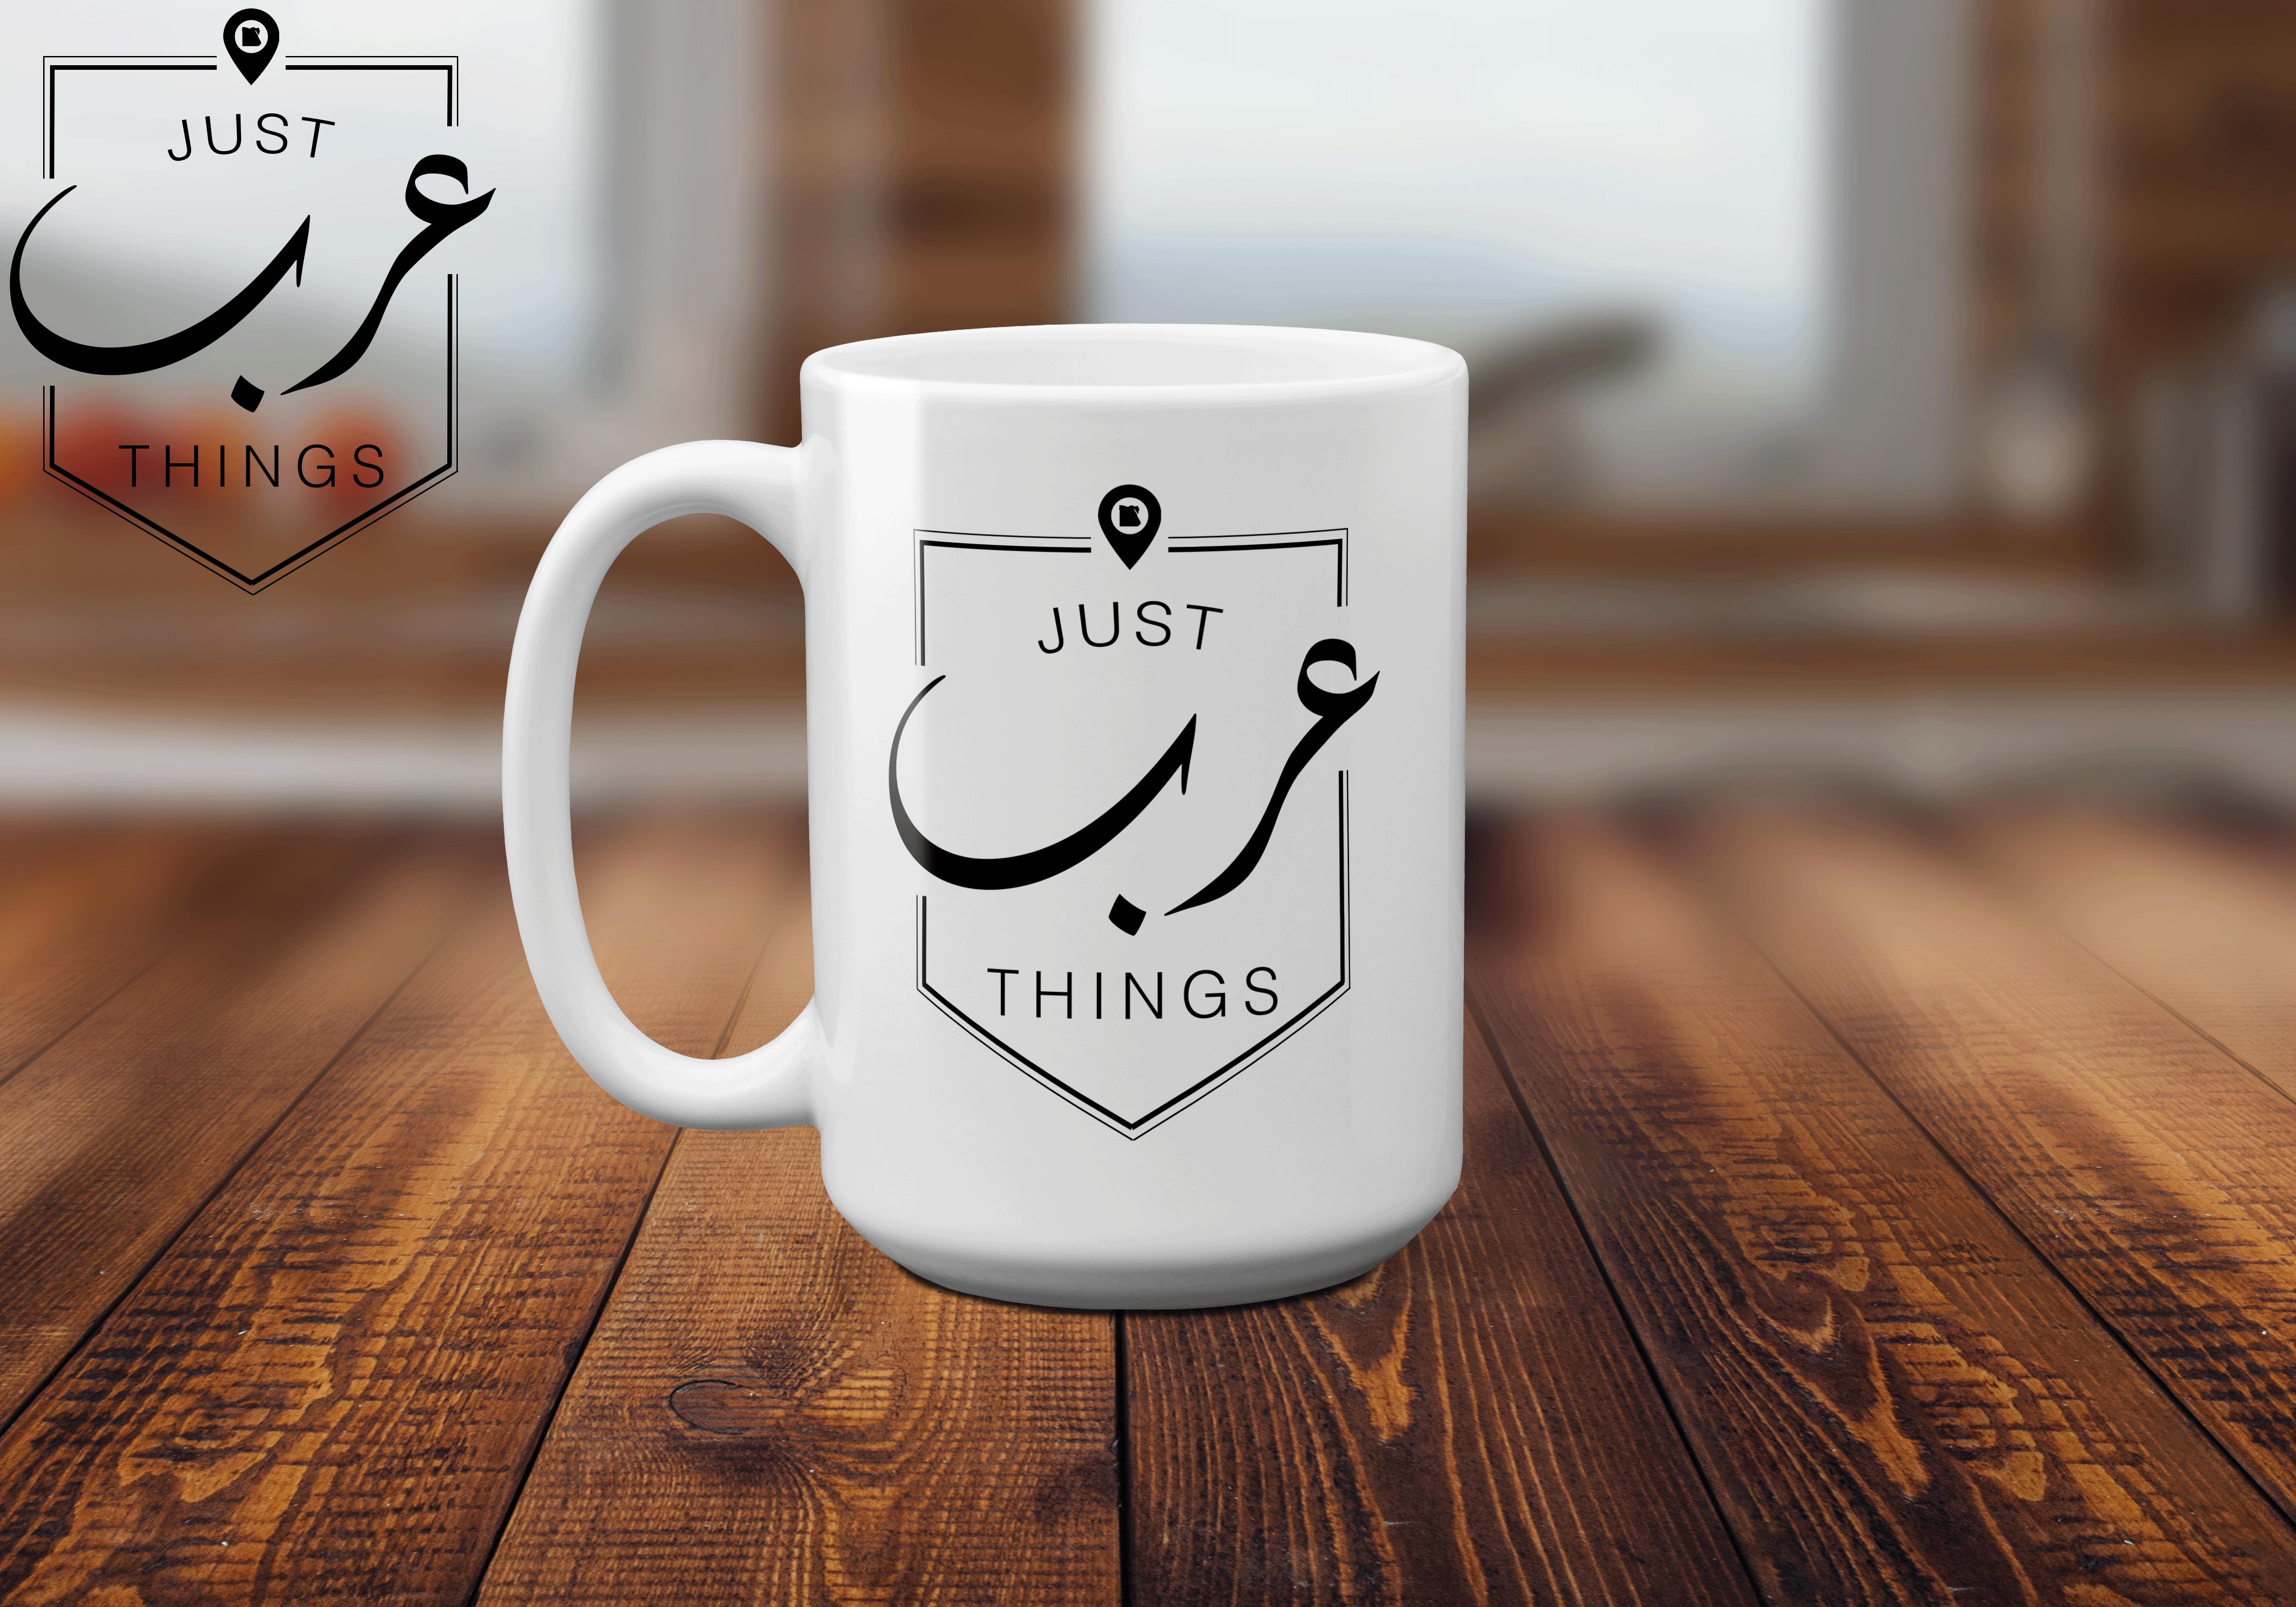 Just Arab Things Coffee Mug Mugs, Coffee mugs, Coffee